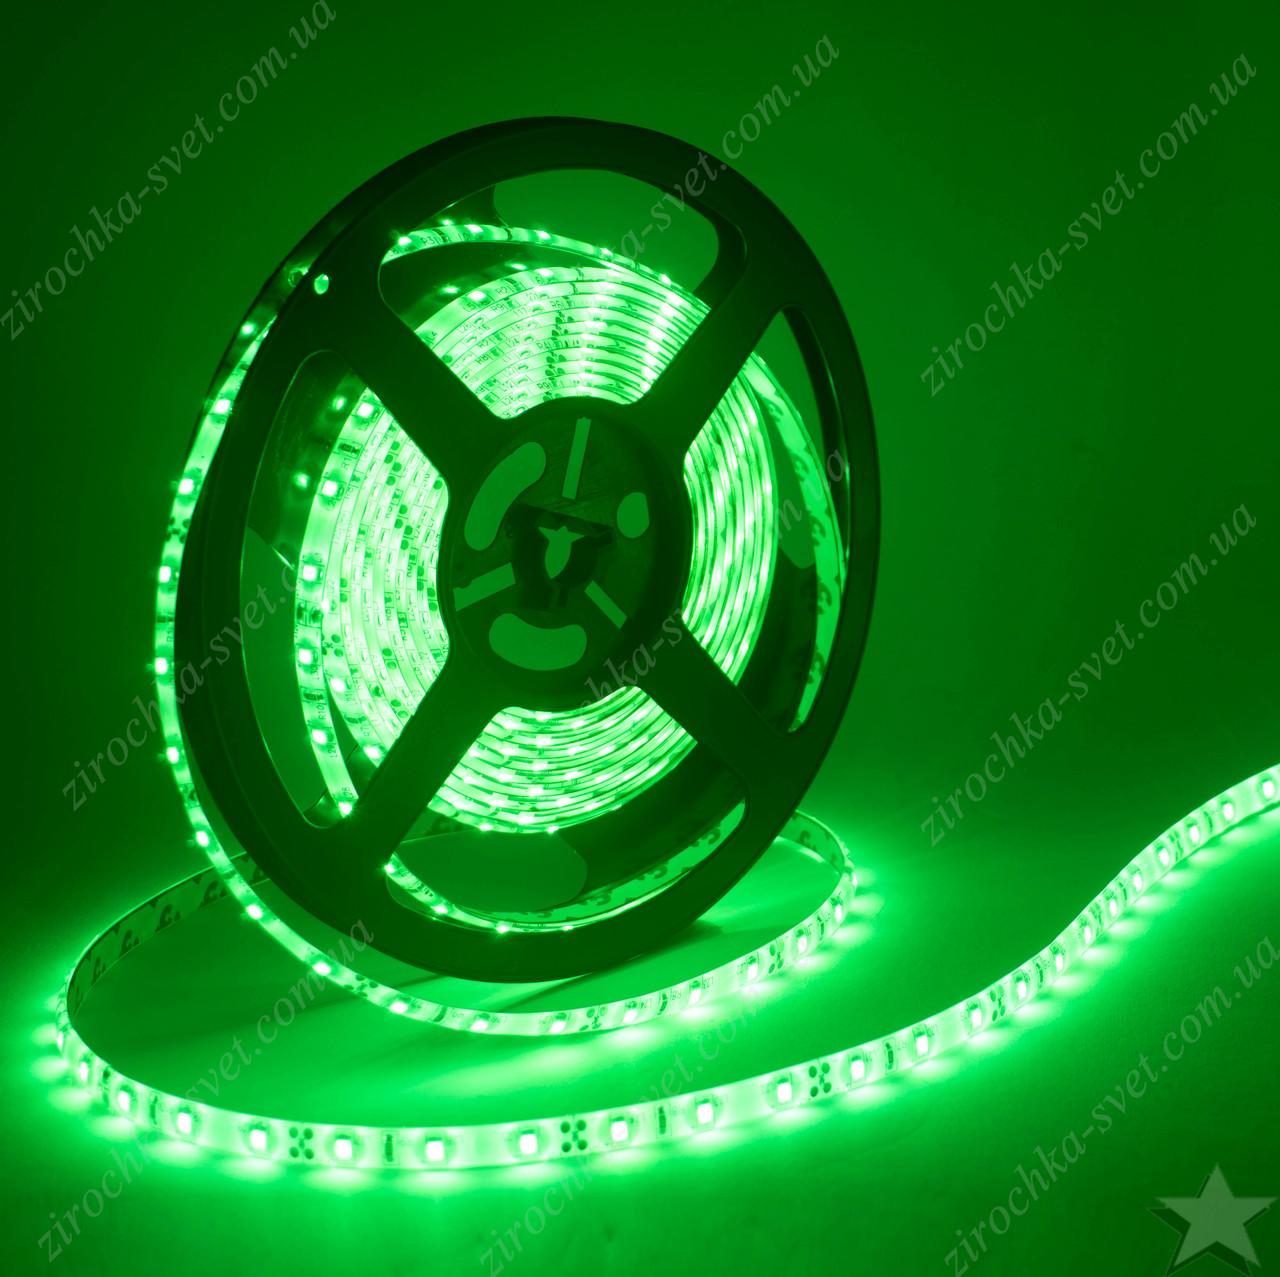 Светодиодная лента зеленая smd5050 12в 60шт/м  IP65 влагозащищенная (в силиконе) 14,4 Вт/м Motoko